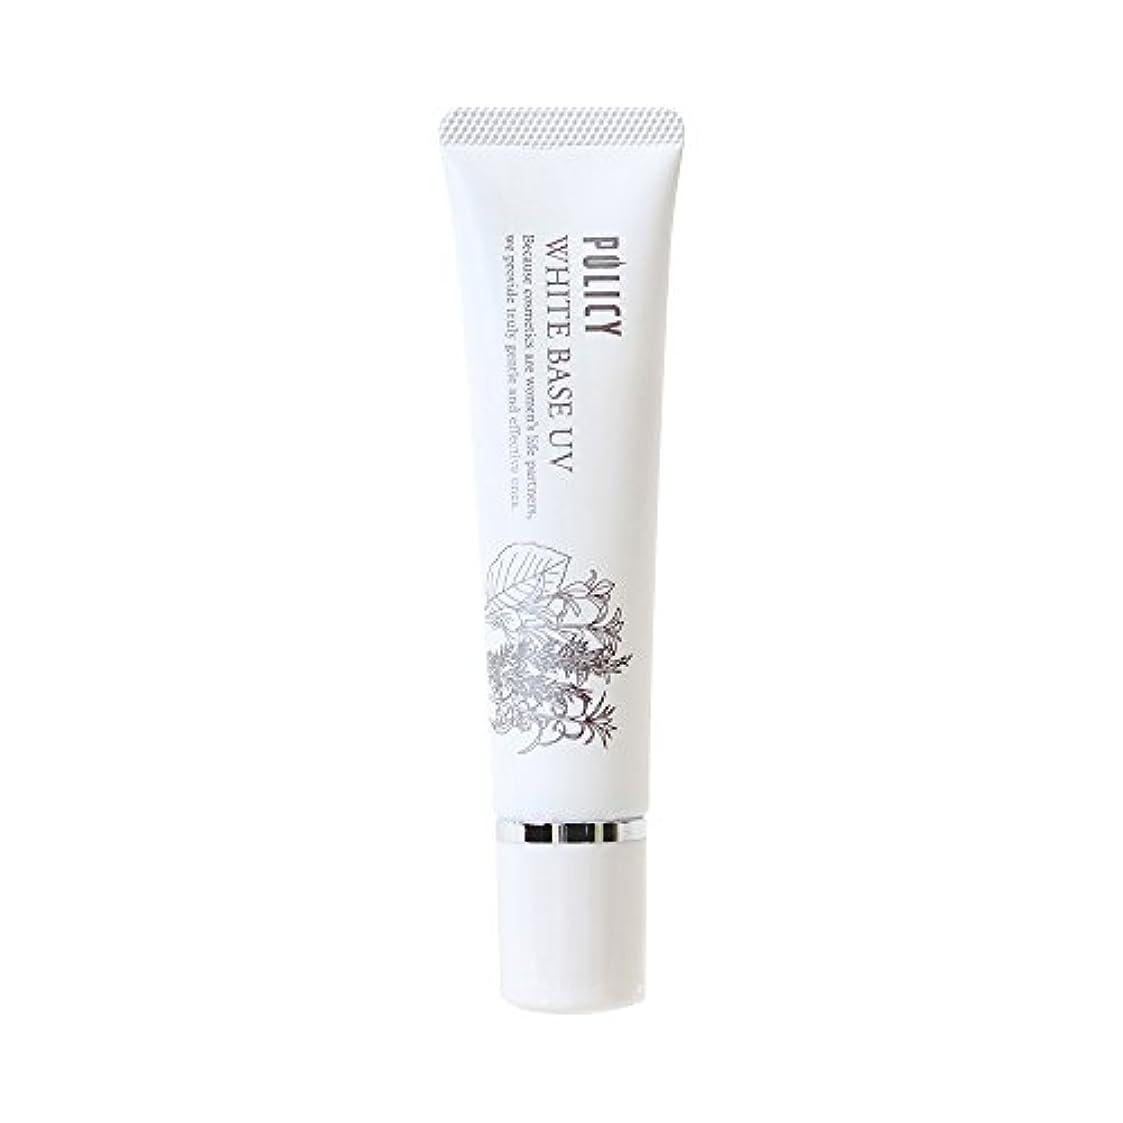 広がり解き明かす好意的ポリシー化粧品 【メイク下地クリーム】ホワイトベースUV 30g